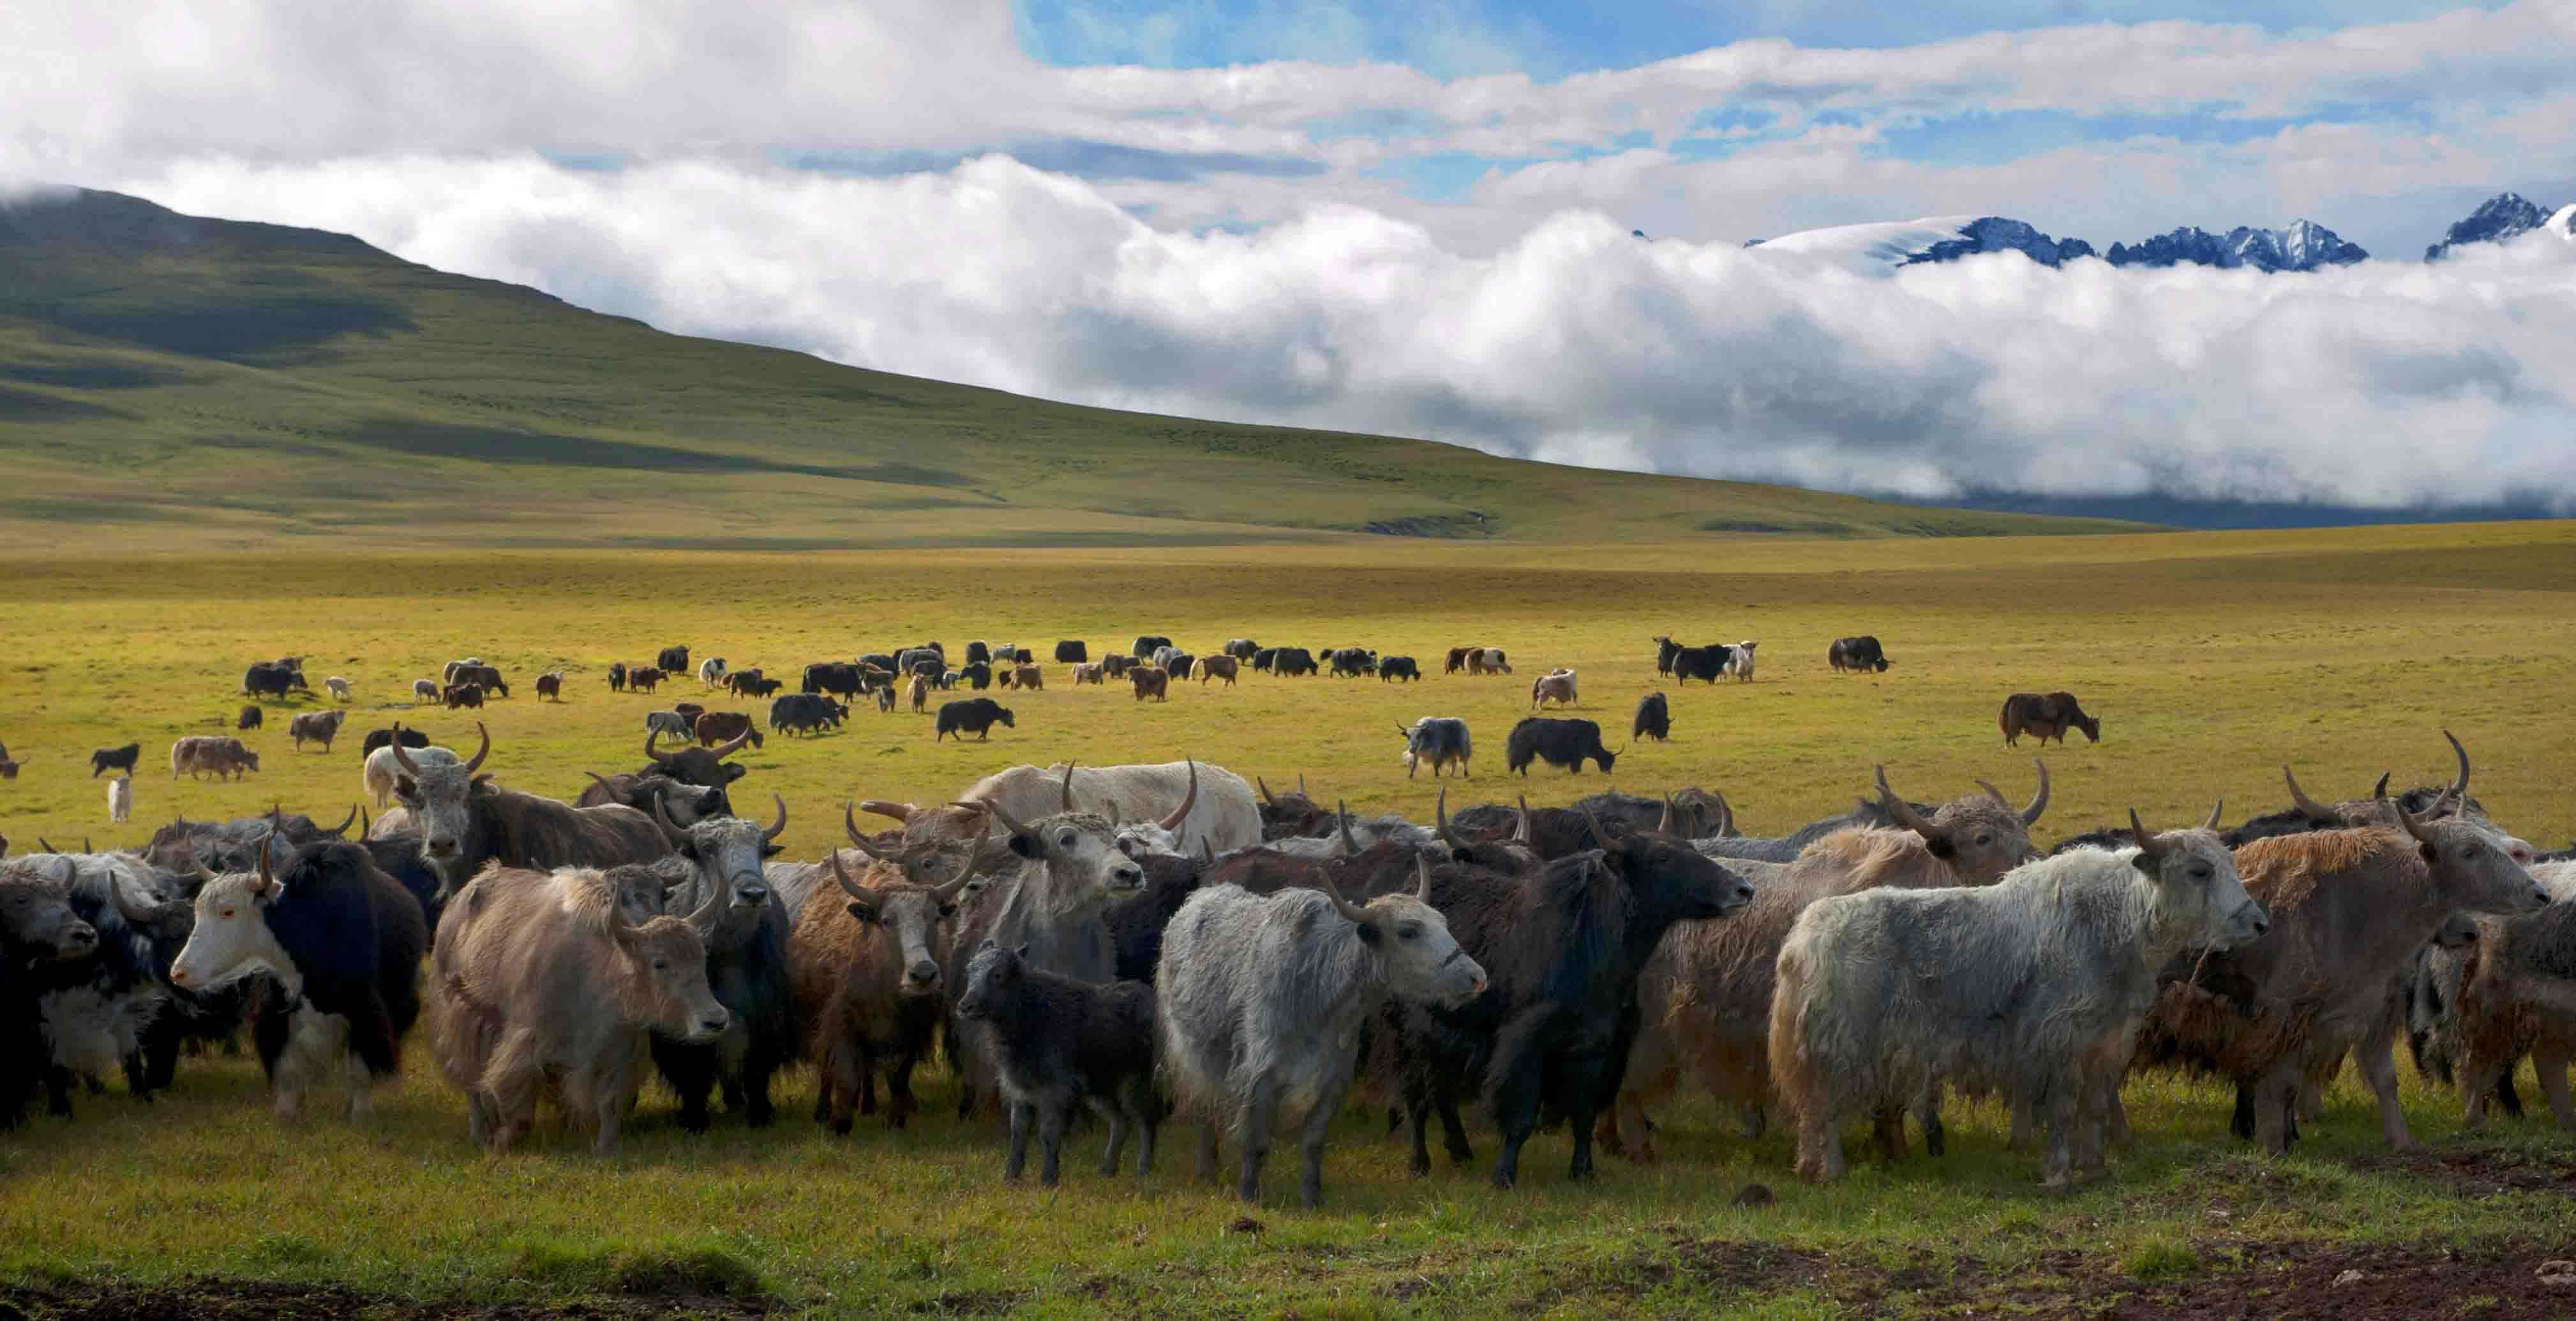 林周县千万元牦牛短期育肥养殖项目今年将投产